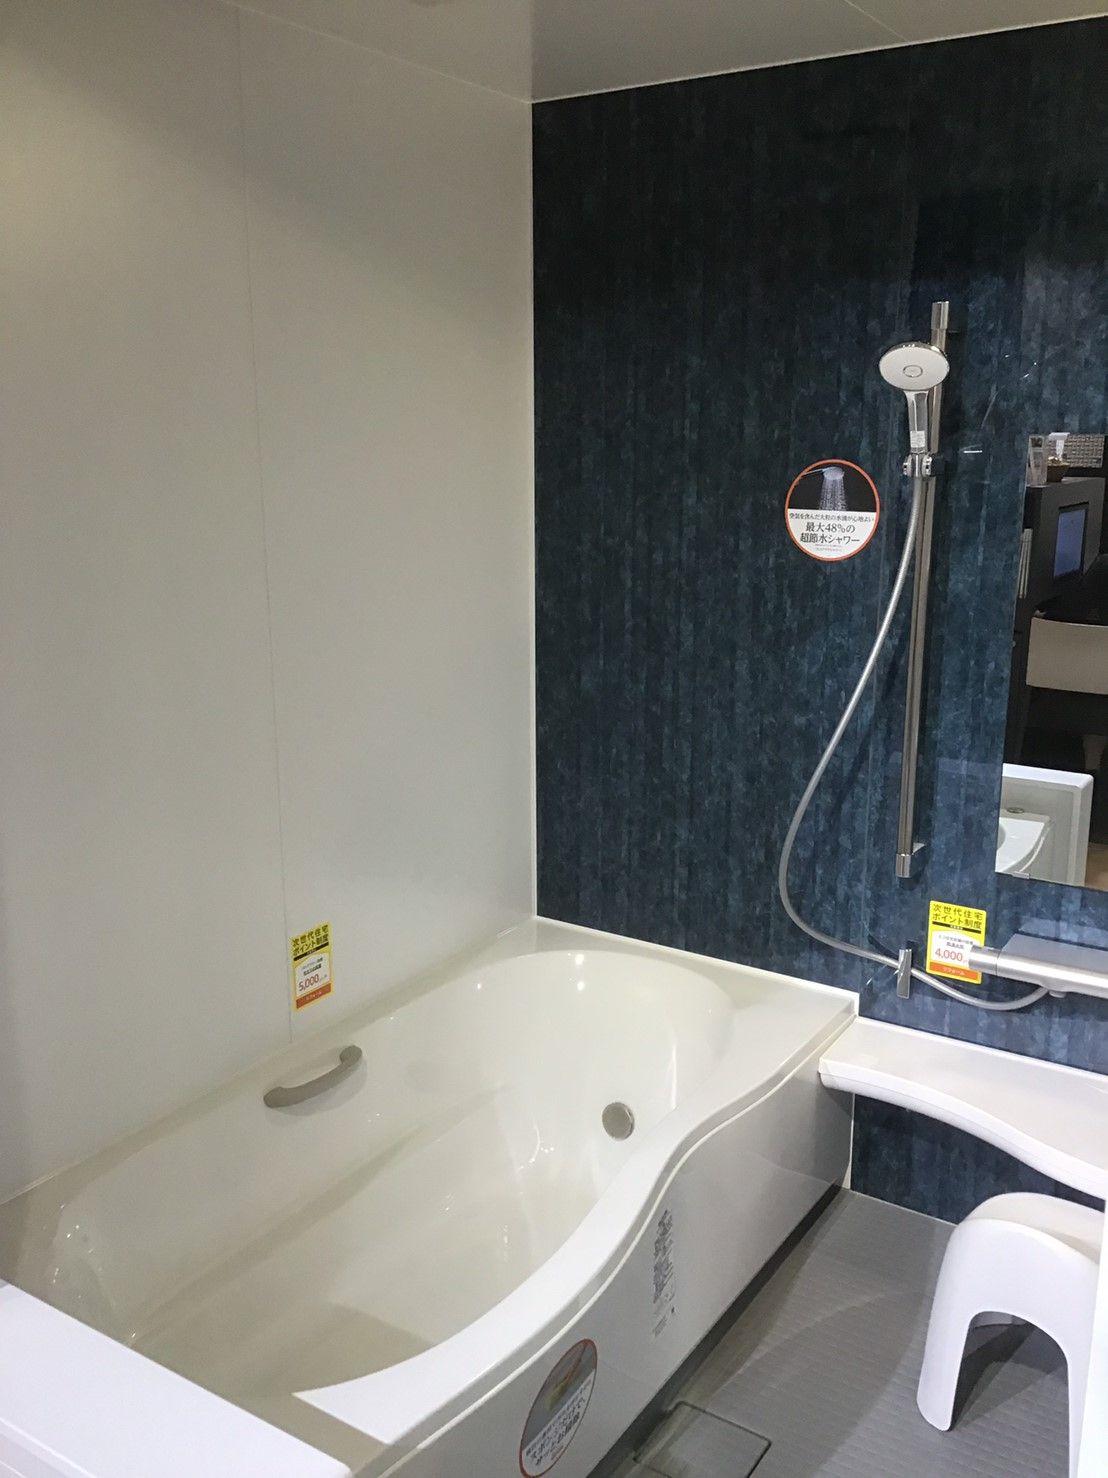 バスルーム リクシル アメージュ アクセントパネル トパーズブルー バスルーム リクシル お風呂 リクシル